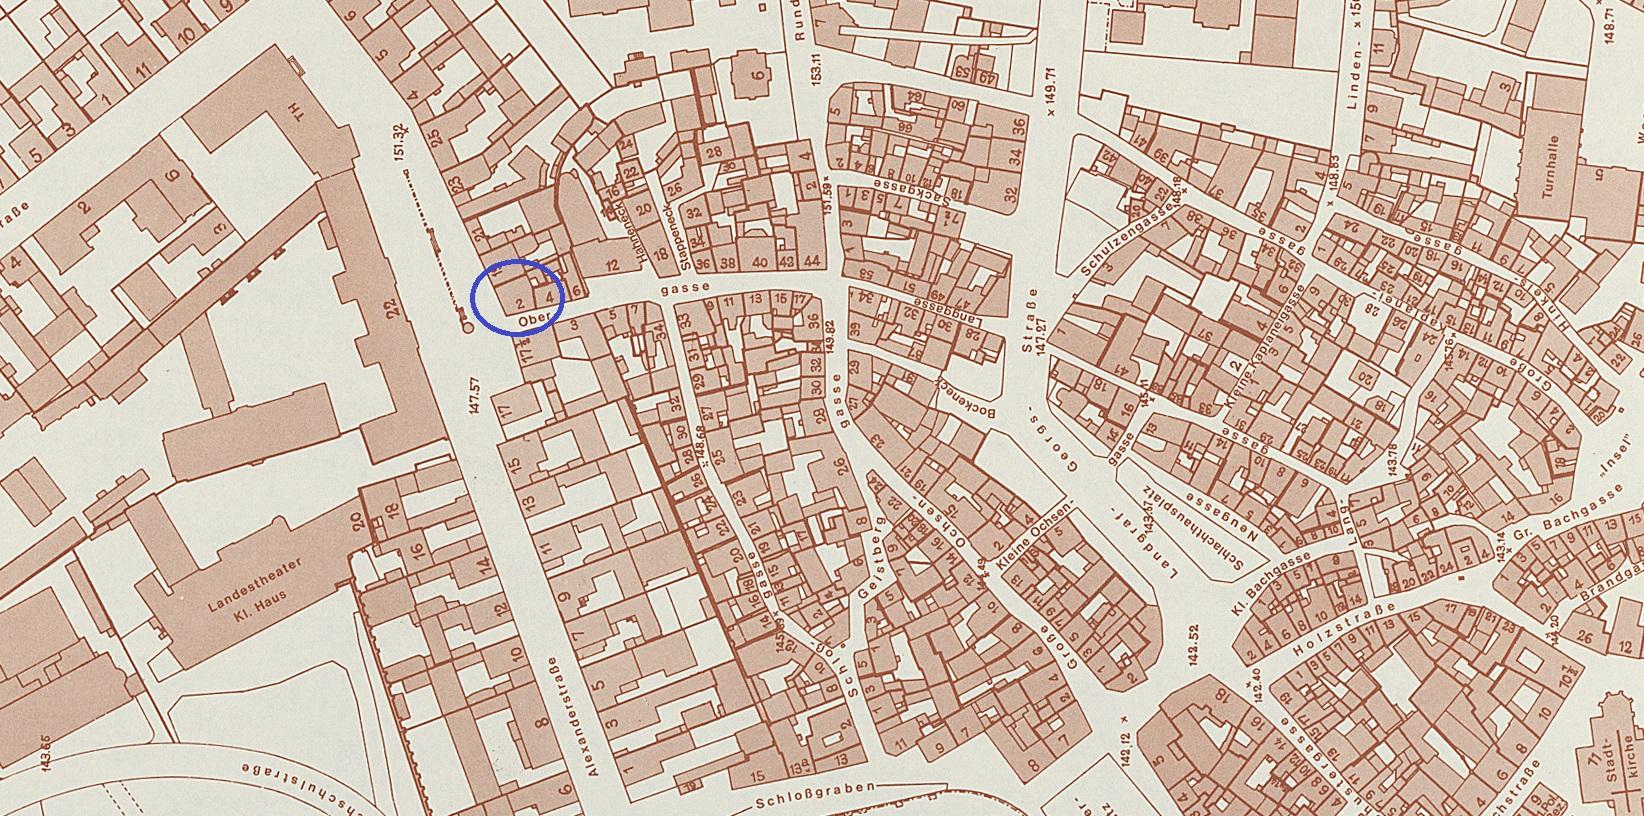 Ausschnitt aus einer Karte von Darmstadts Historischer Stadtmitte vor der Zerstörung (1939), StadtA DA Best. 51 Nr. 115/1